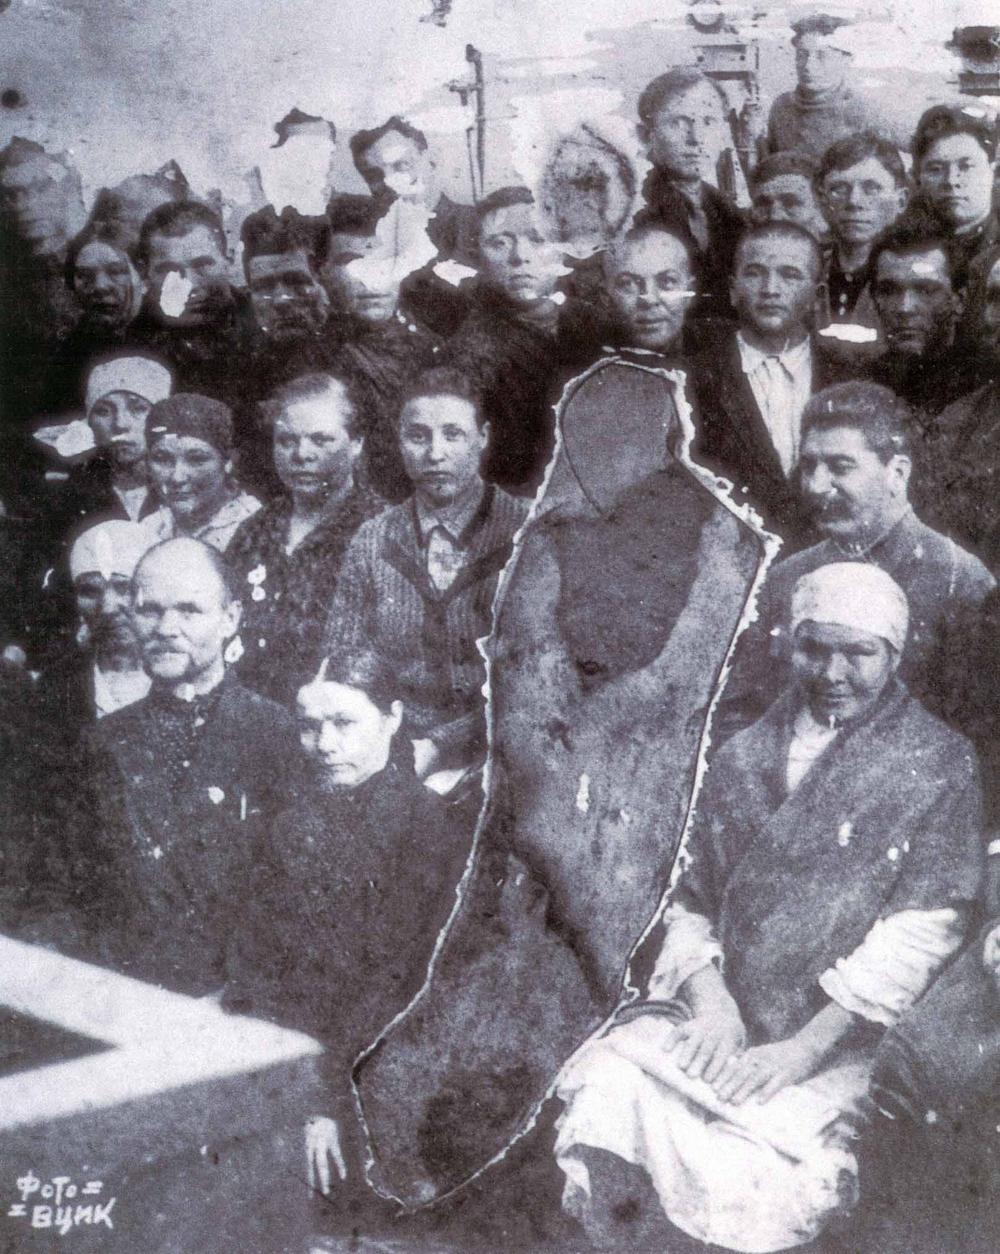 Татарские делегаты 2-го всесоюзного съезда передовиков-колхозников со Сталиным, Калининым и Молотовым в феврале 1935 года. Фигура, ближайшая к Сталину, просто вырезана из снимка. Иногда нежелательных людей удаляли из фотографий ножницами, за хранение снимка с врагом народа можно было дорого поплатиться.